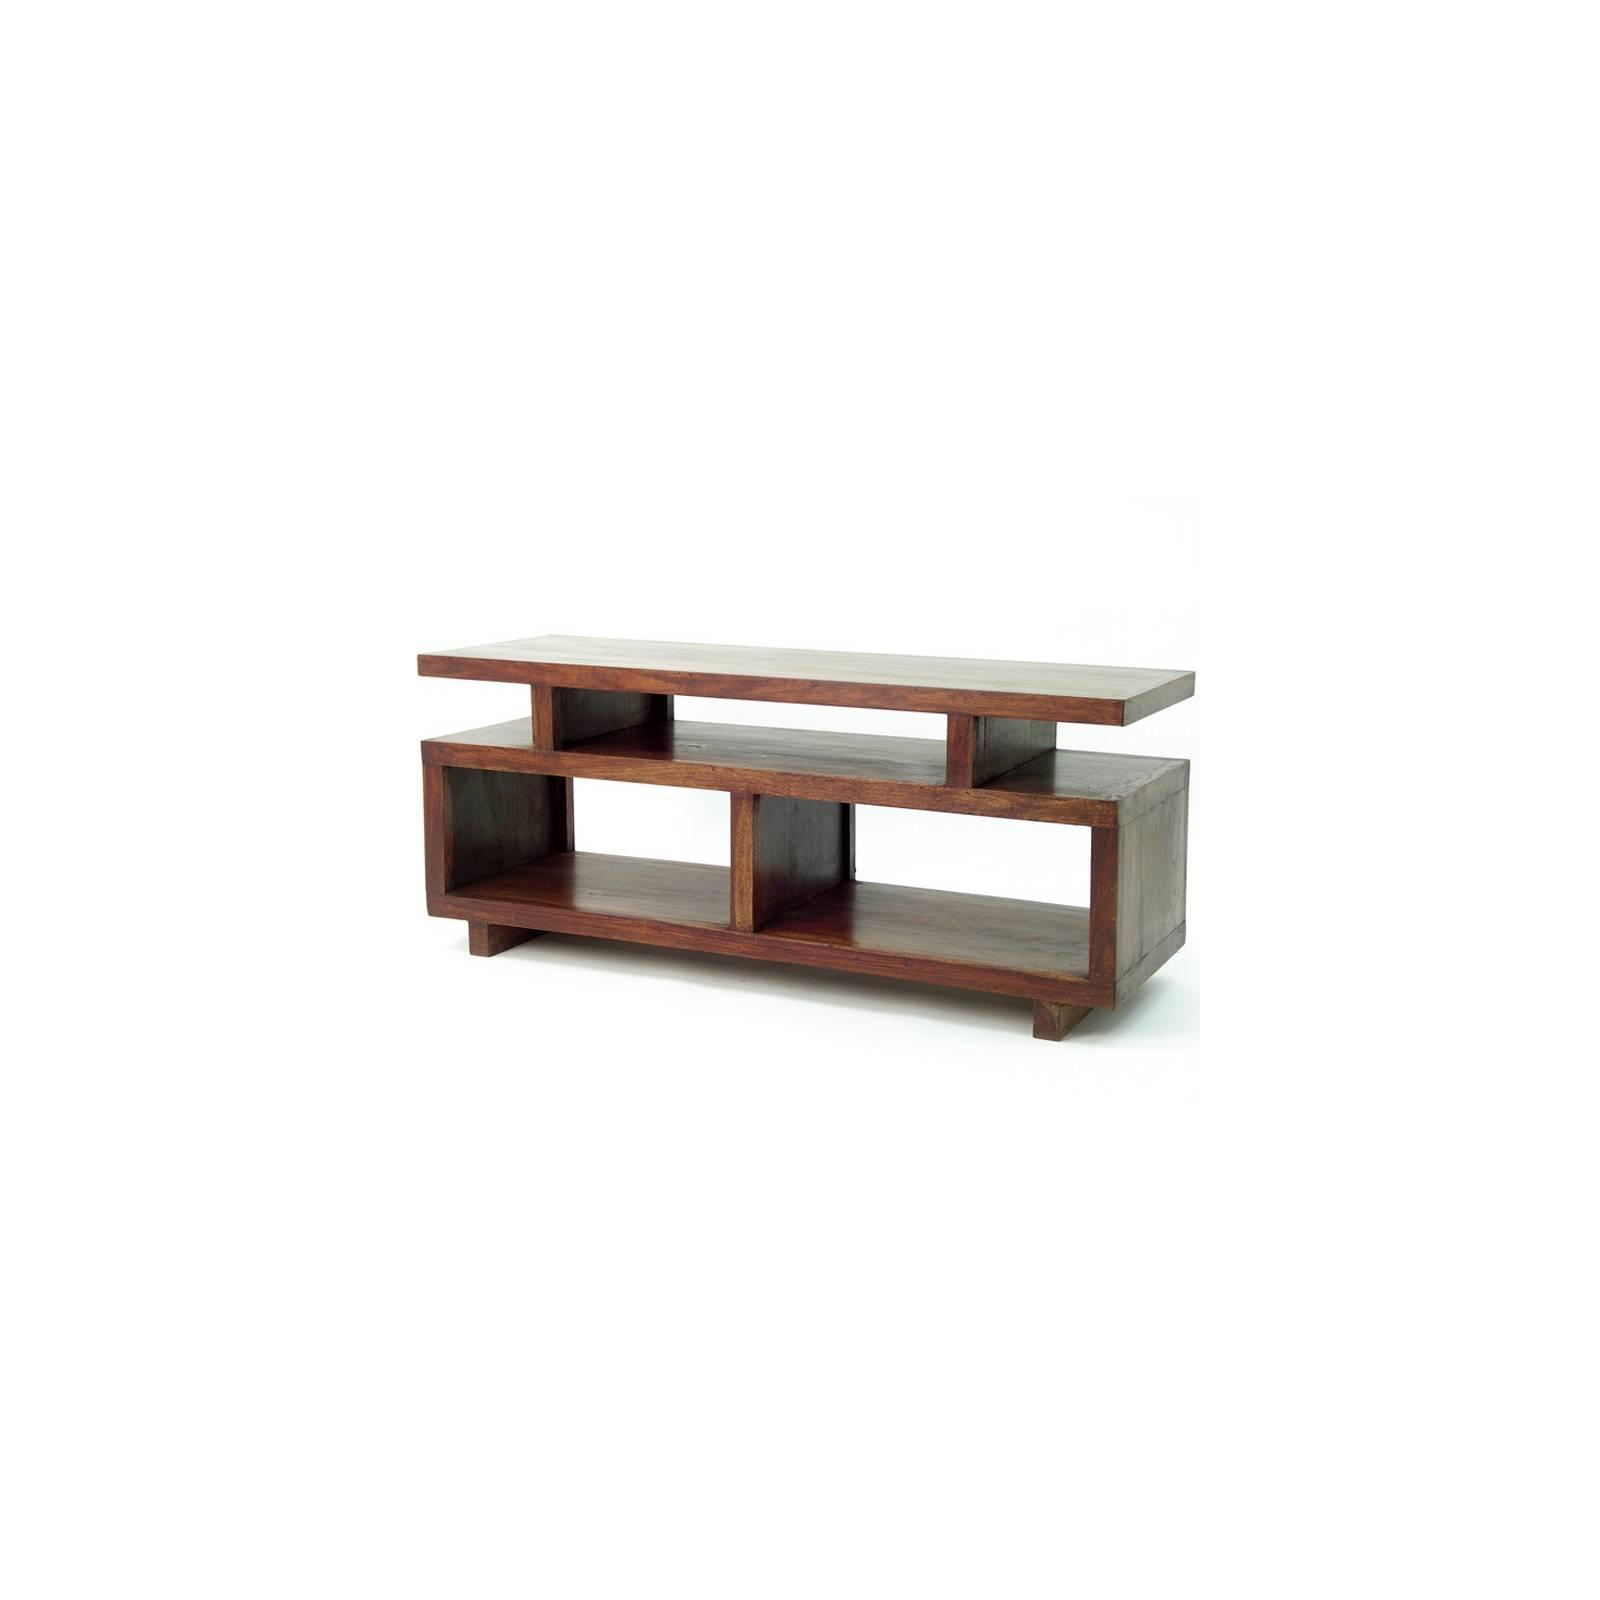 Meuble TV Déco Palissandre Zen - meubles bois exotique